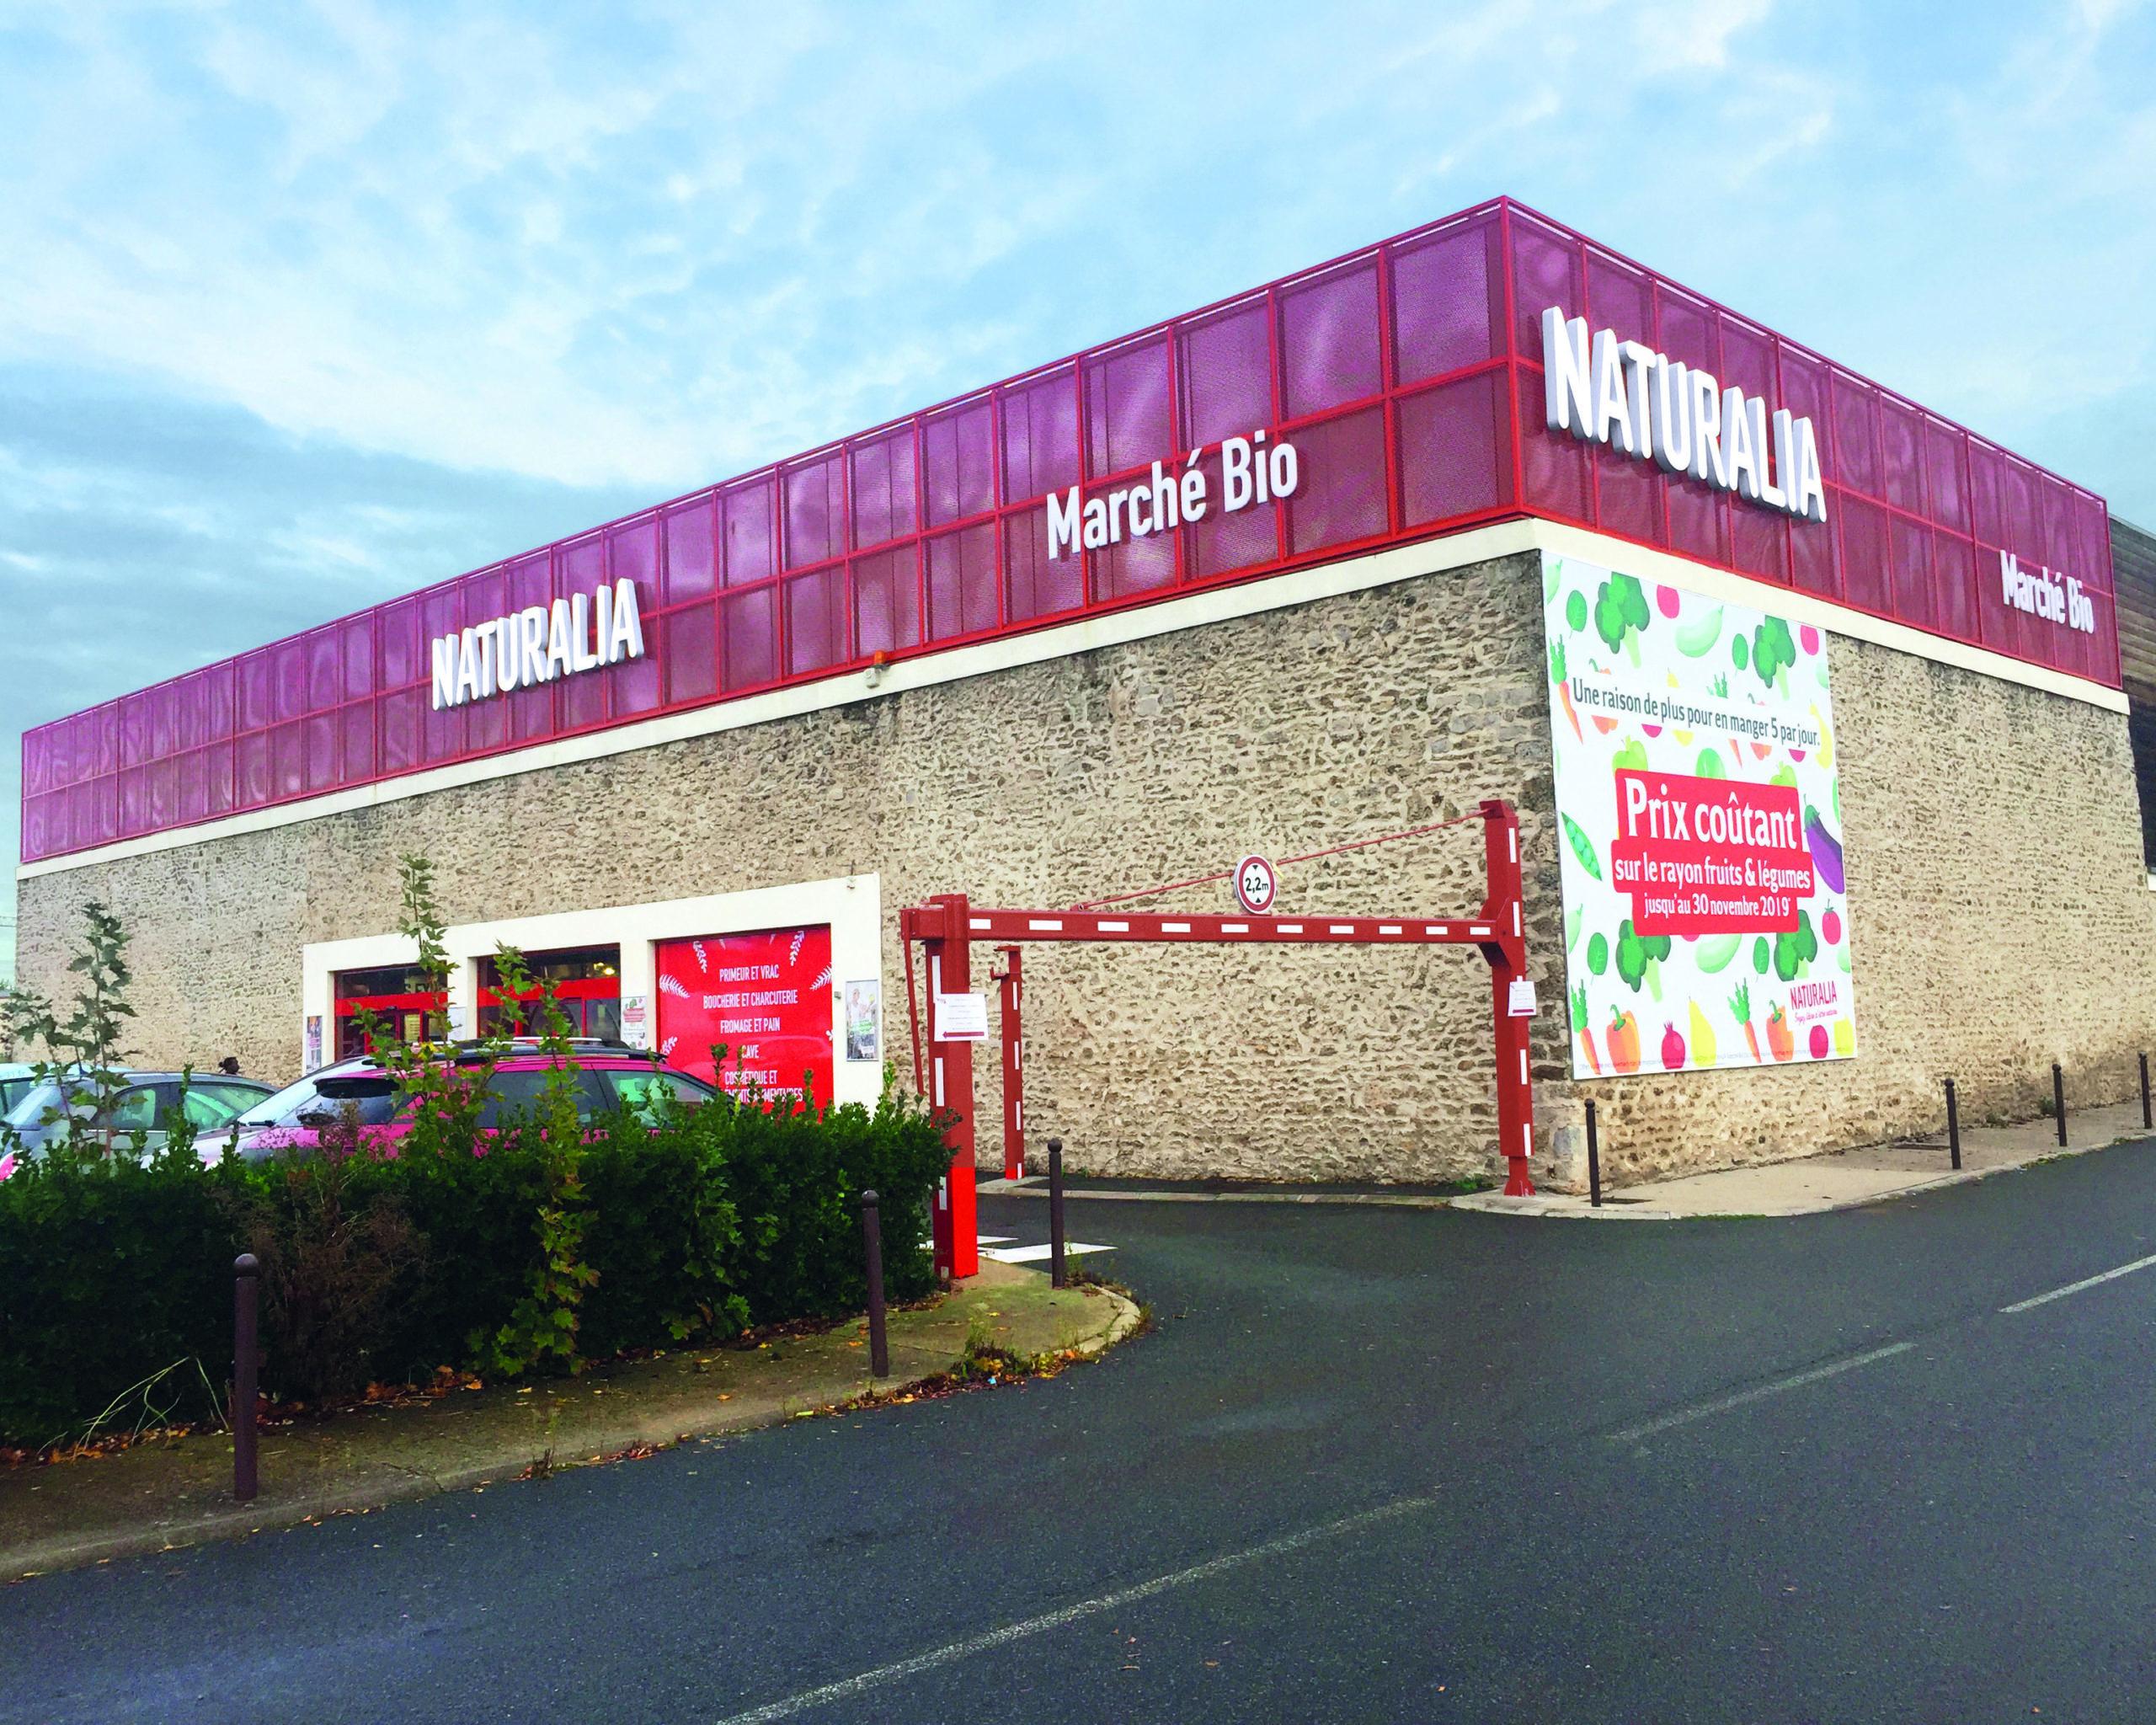 Naturalia Bretigny Sur Orge, magasin spécialisé en alimentation bio et local